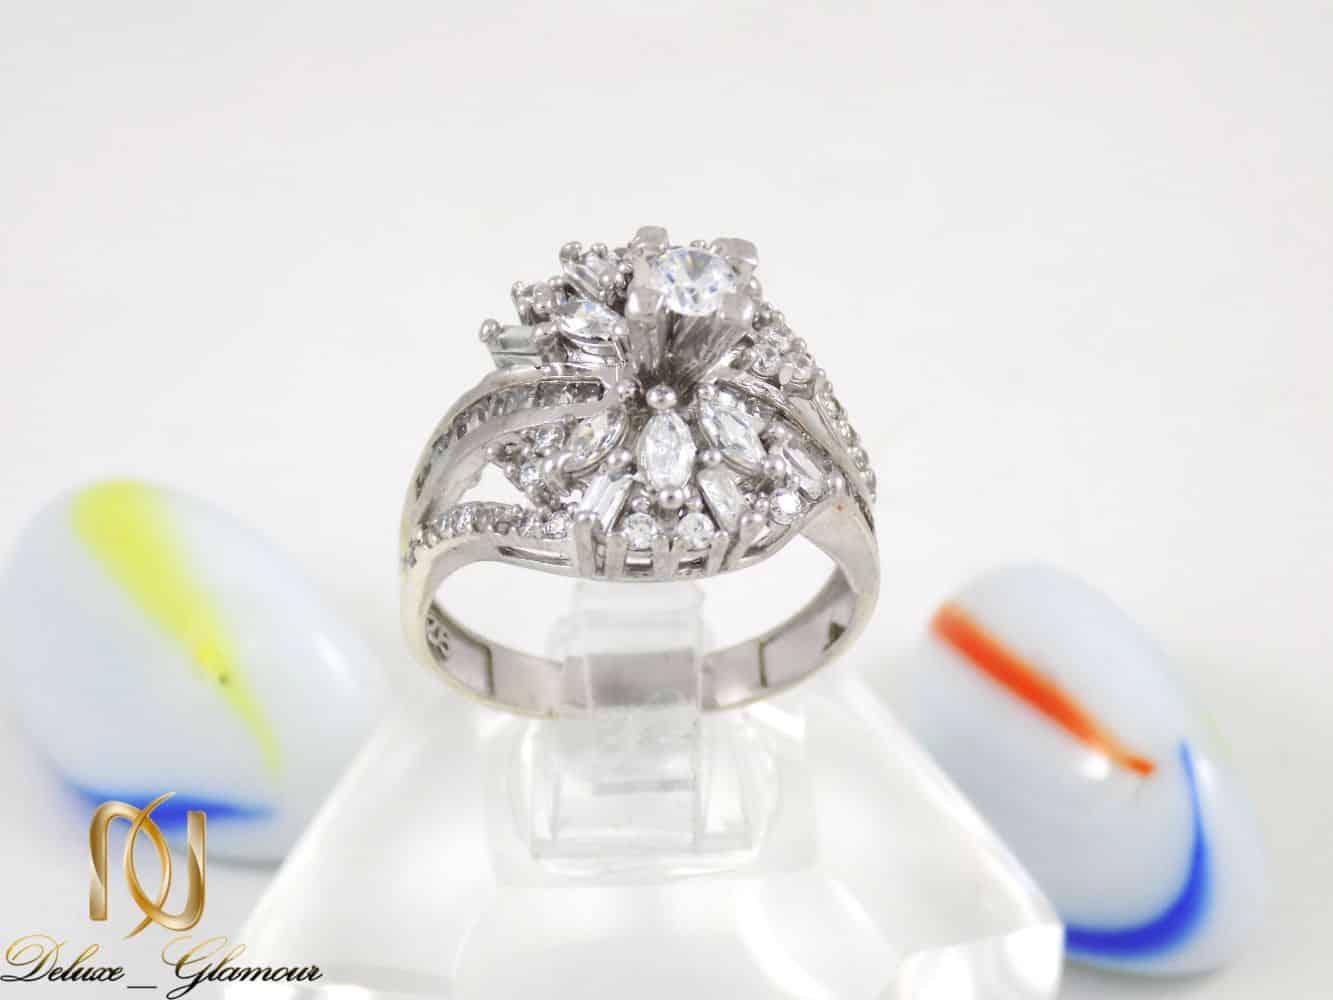 انگشتر زنانه نقره با نگین های کریستالی سفید از نوع زیرکونیا dl-a108